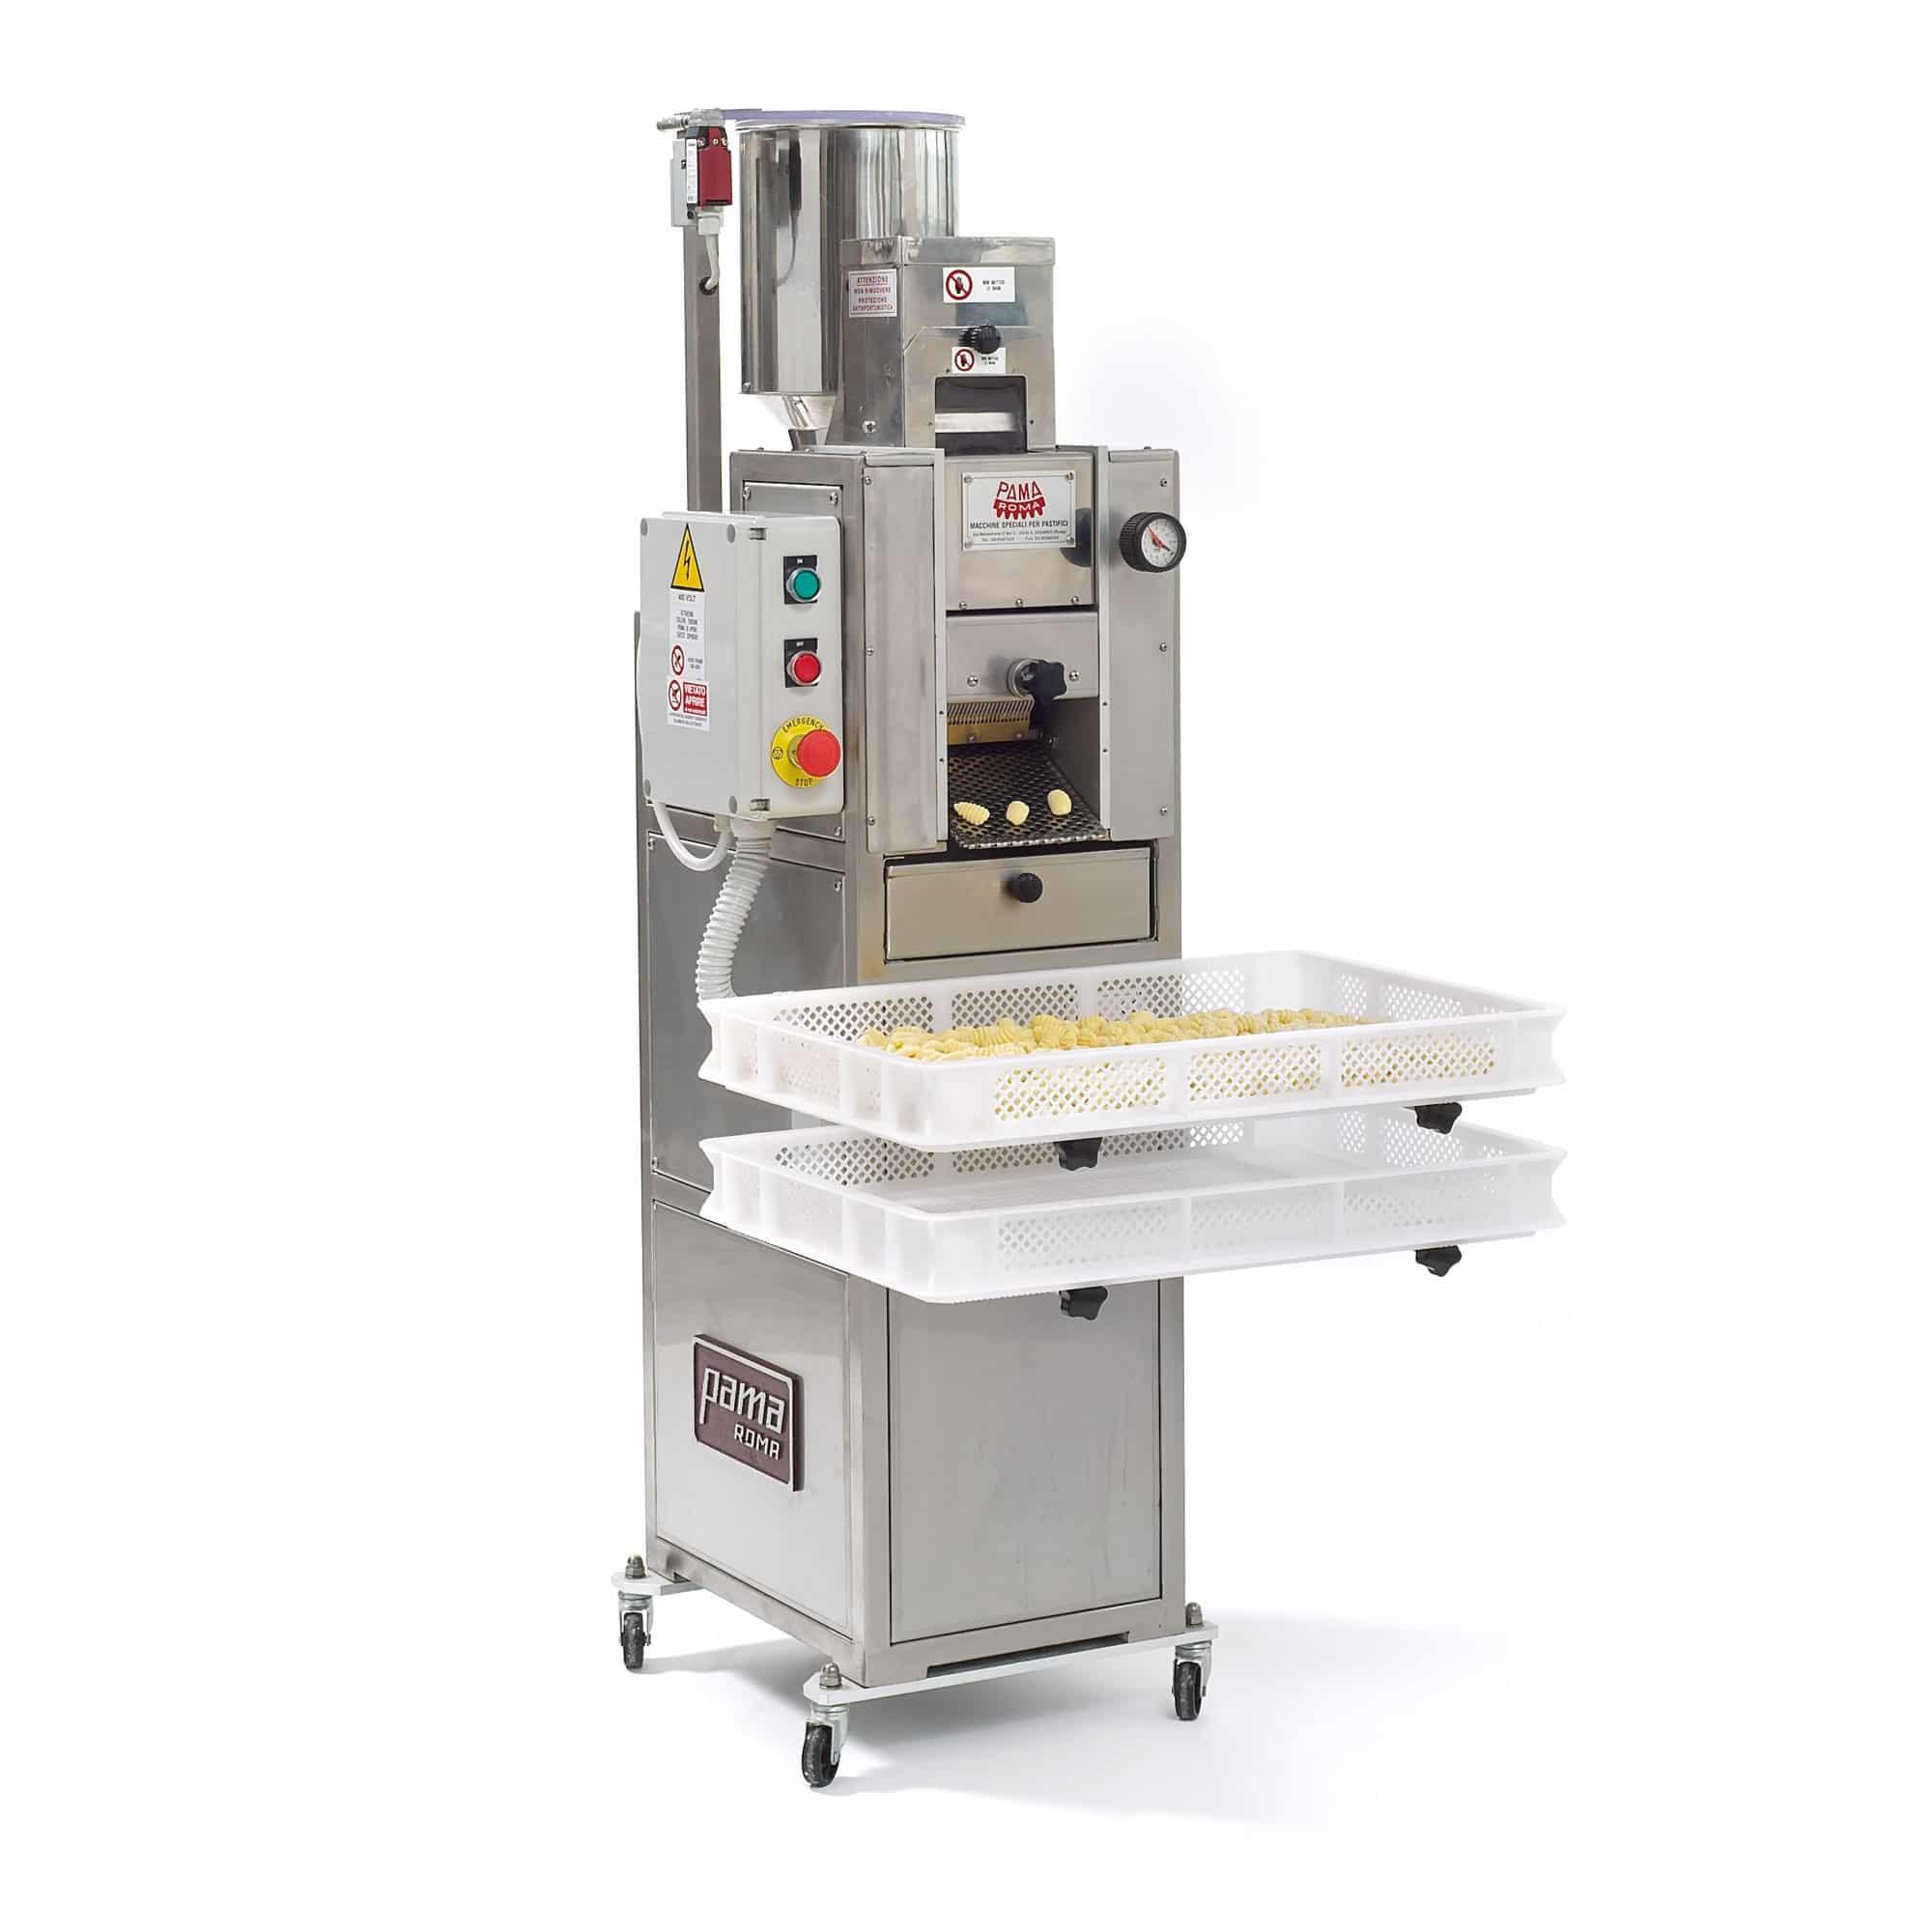 Macchina per gnocchi per laboratorio artigianale pasta fresca